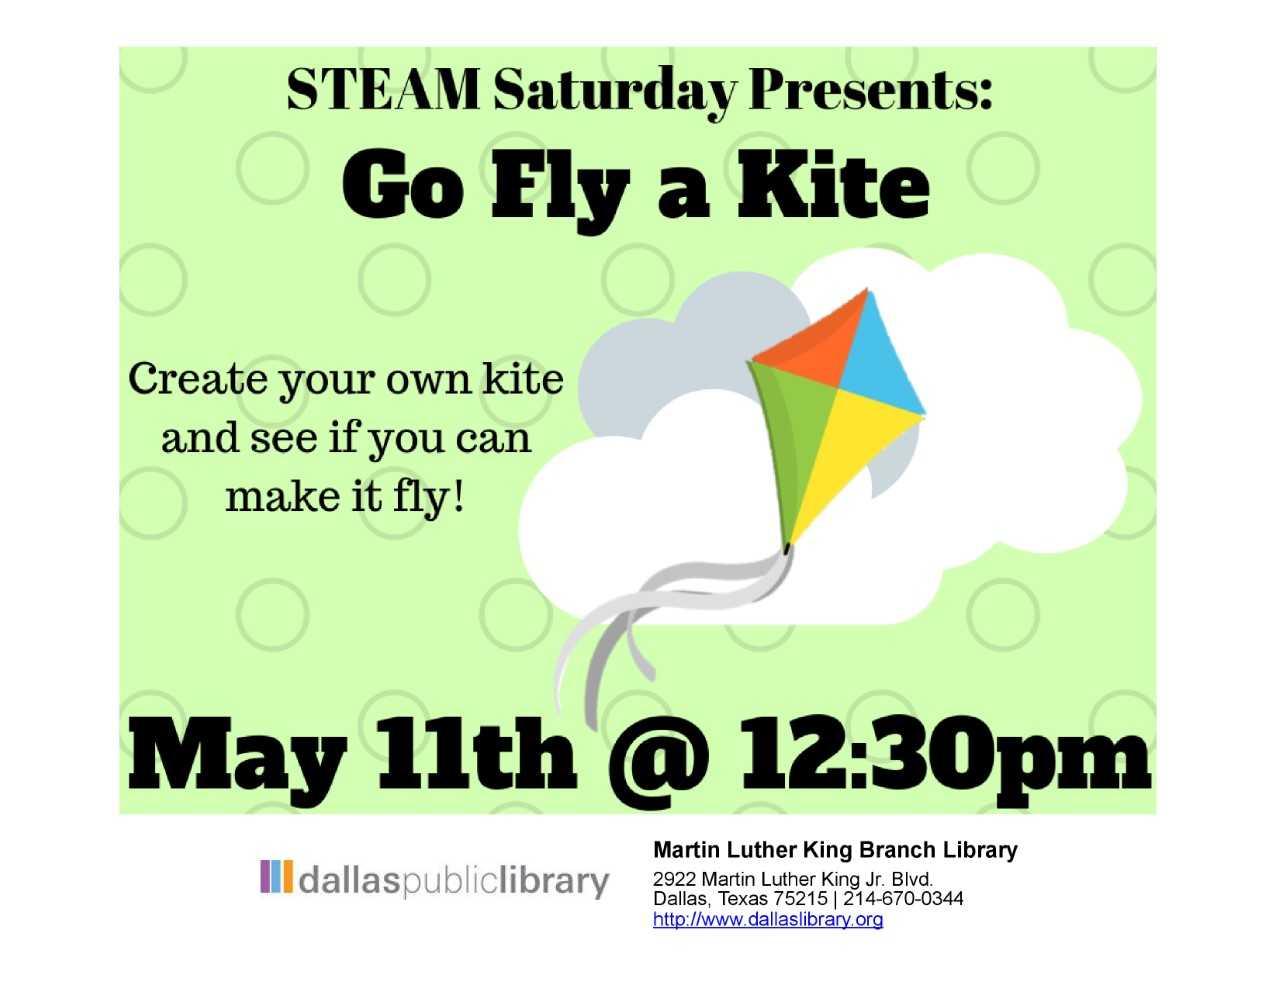 Go Fly a Kite (STEAM Saturdays) @ MLK Branch Library